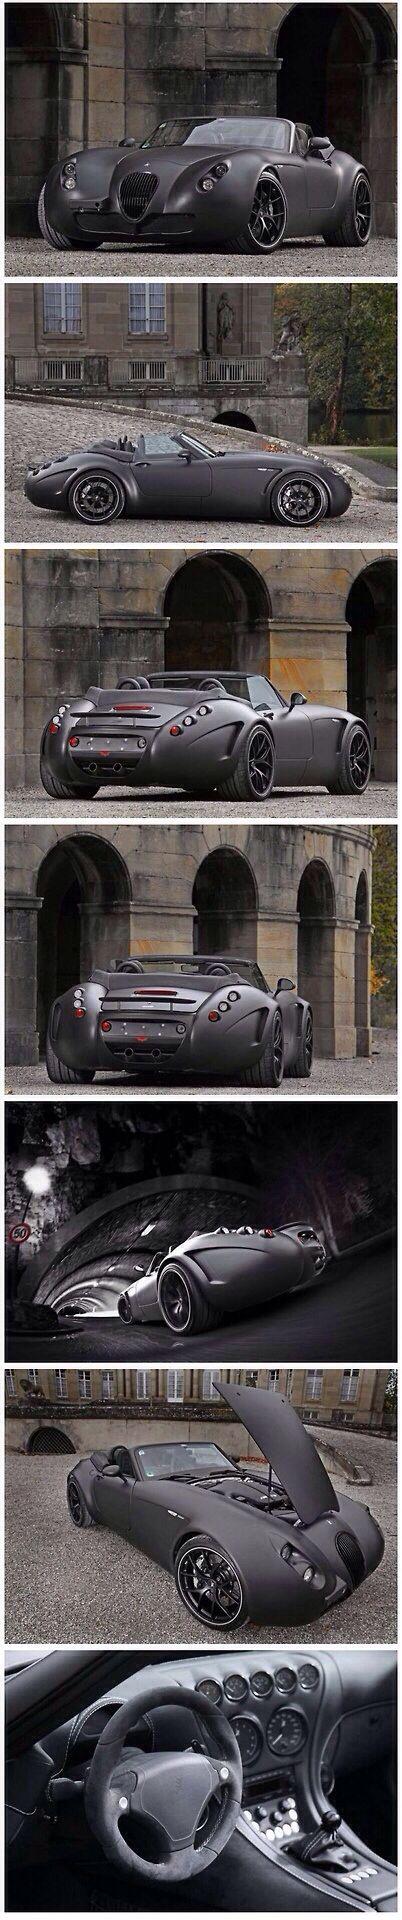 Wiesmann Roadster MF5 V10 Black Bat by SchwabenFolia